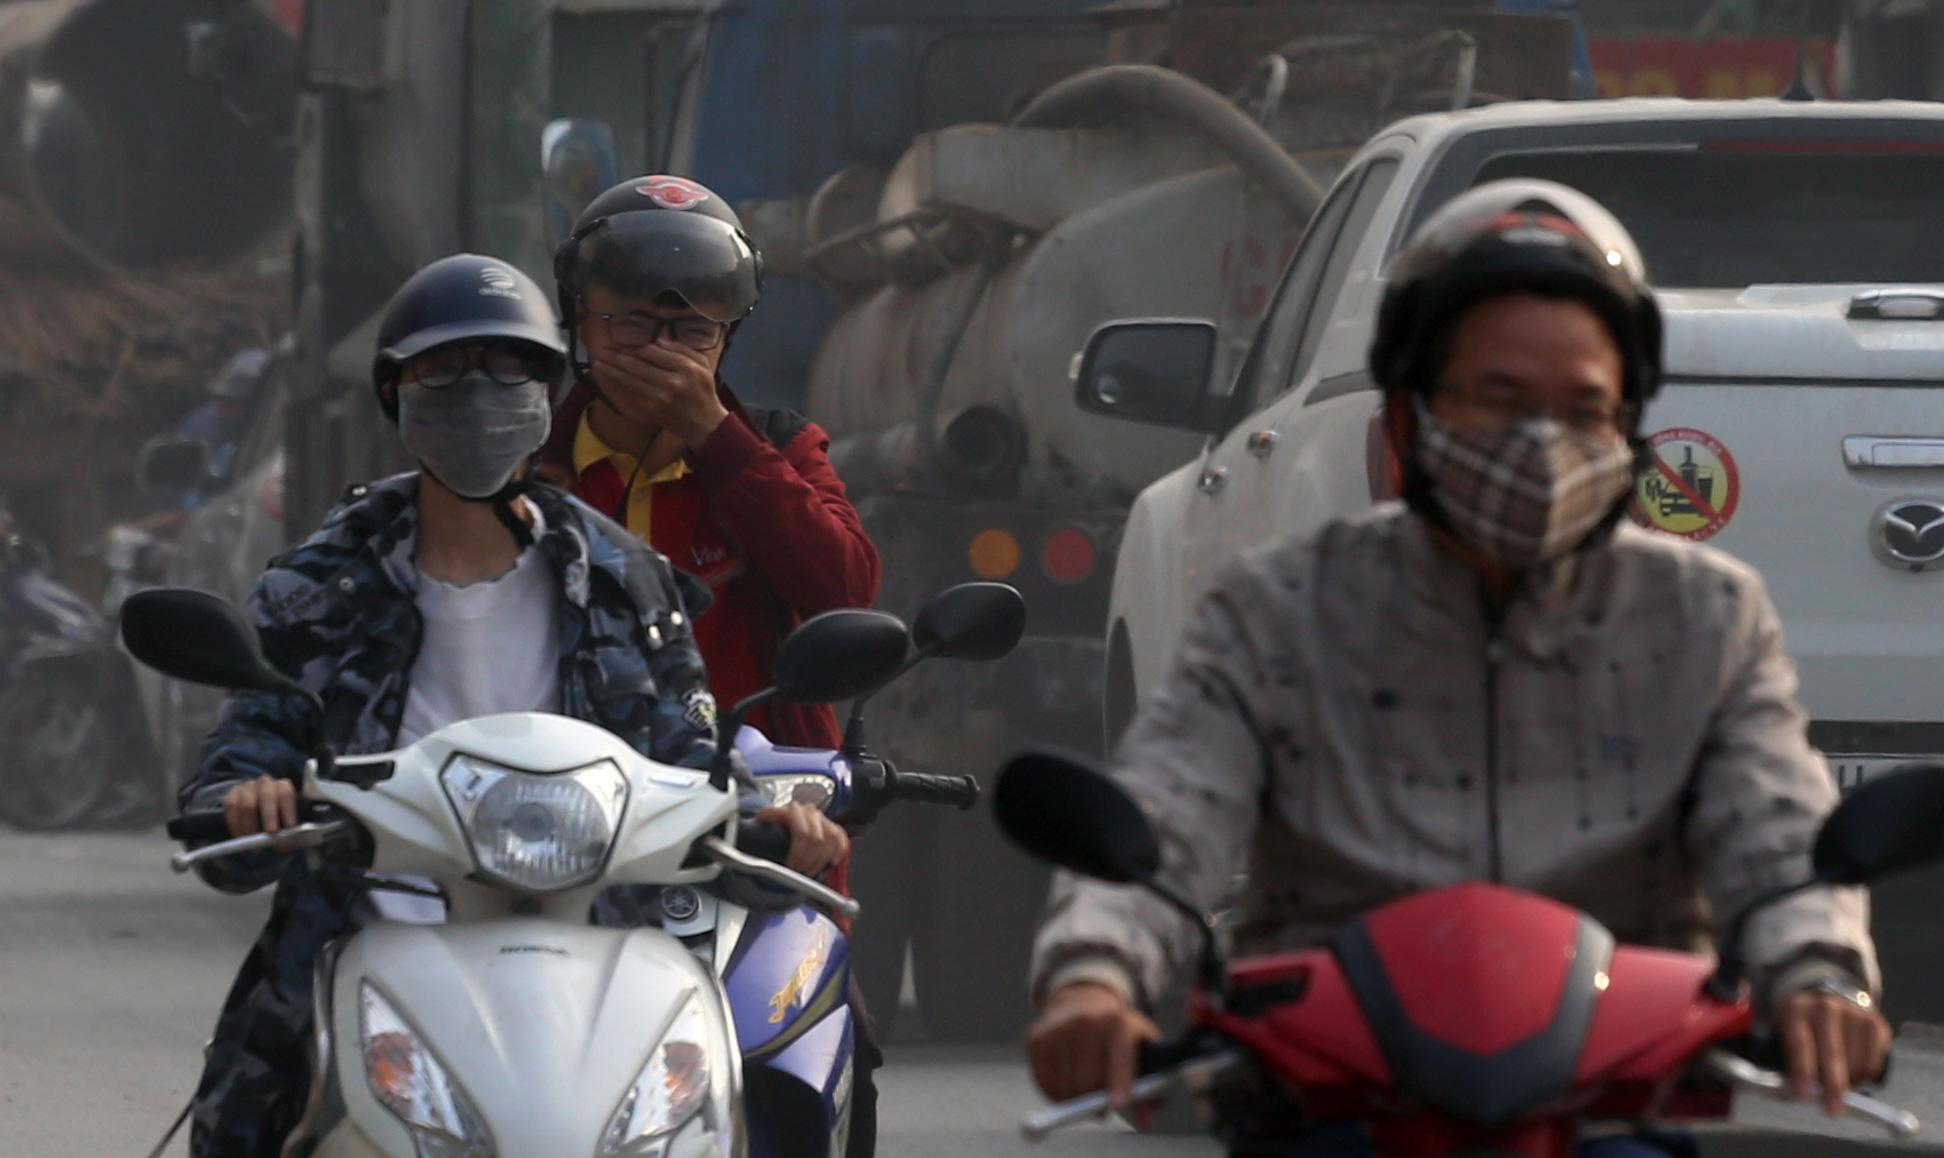 Hà Nội ô nhiễm không khí, người dân thêm khổ khi hít bụi mù mịt trên đường 70 đoạn Nhổn - Hà Đông - Ảnh 11.